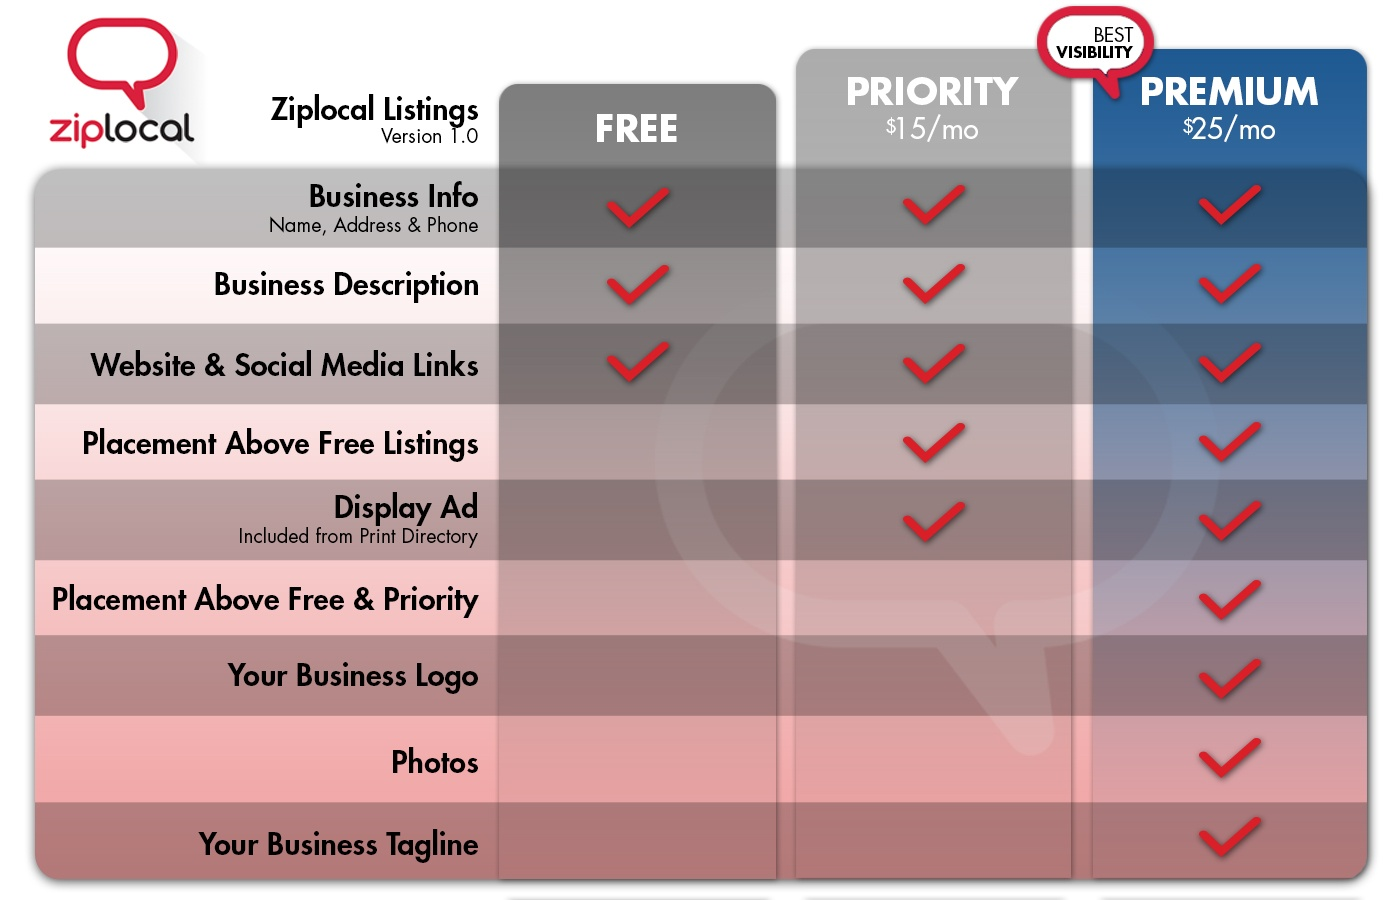 Ziplocal-Listings Features.jpg